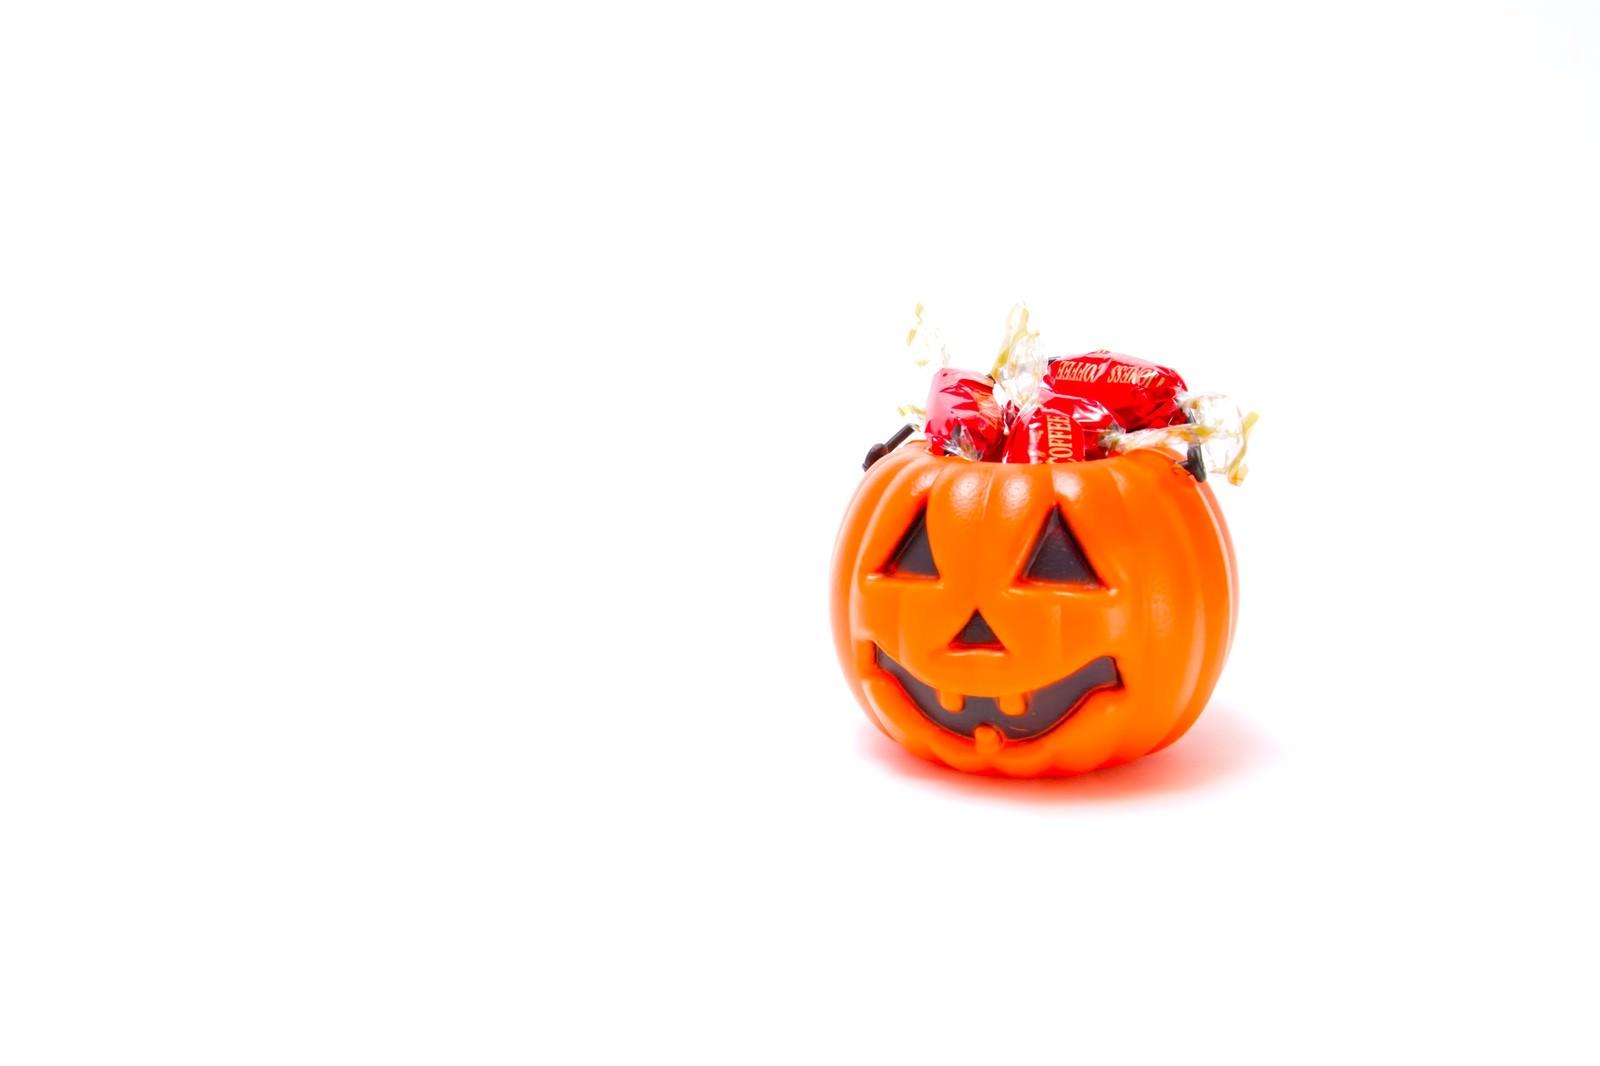 「飴が入ったおばけかぼちゃ」の写真